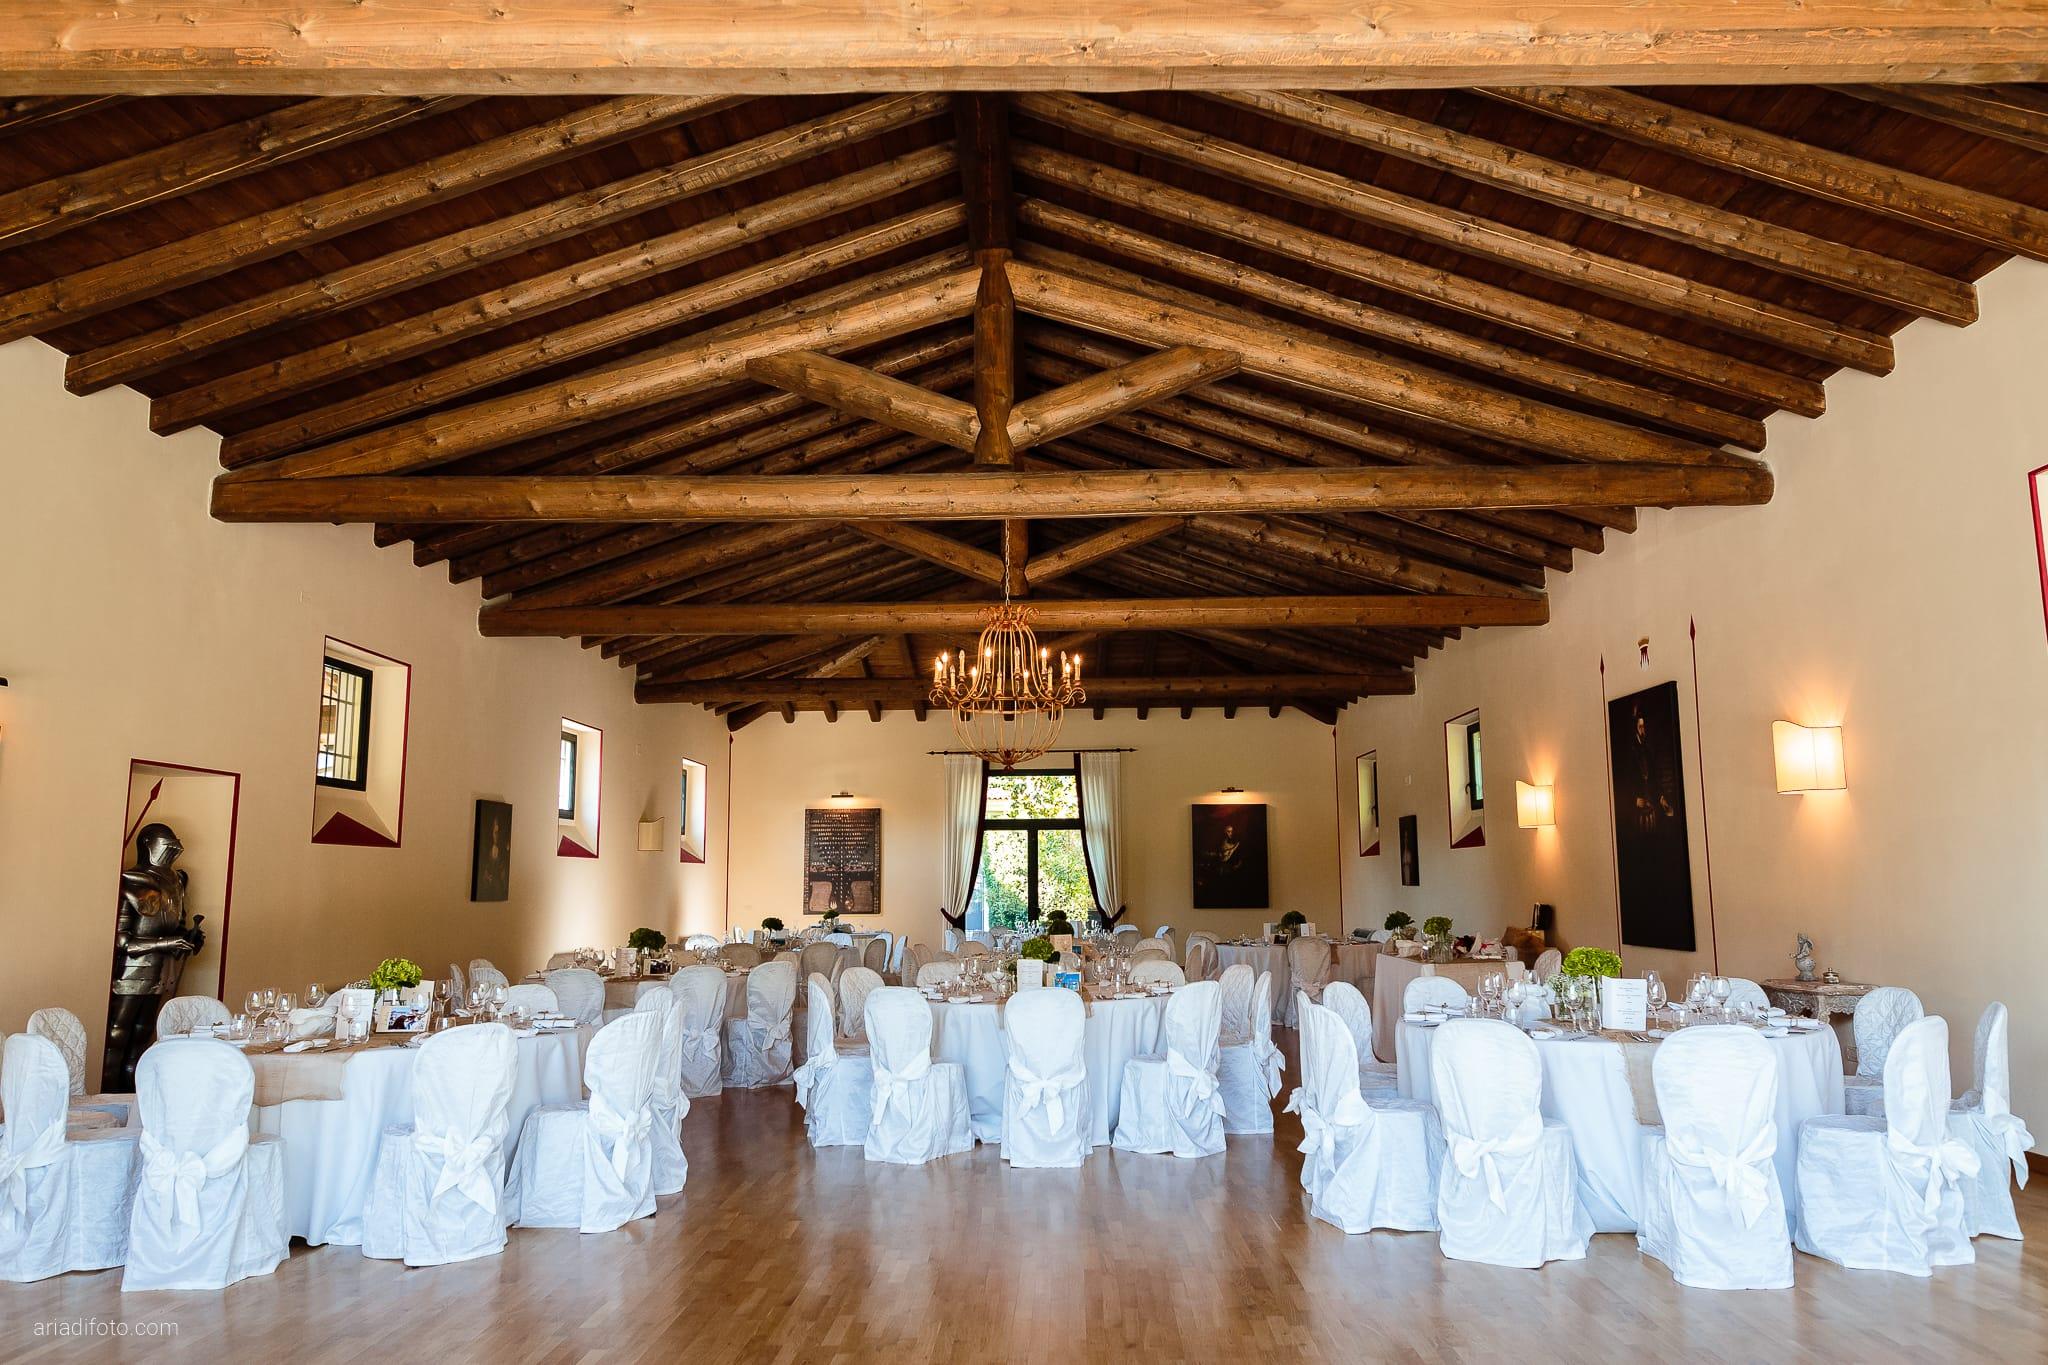 Mariarita Matteo Matrimonio Trieste Villa Attems Cernozza Postcastro Lucinico Gorizia ricevimento sala allestimenti decorazioni centrotavola